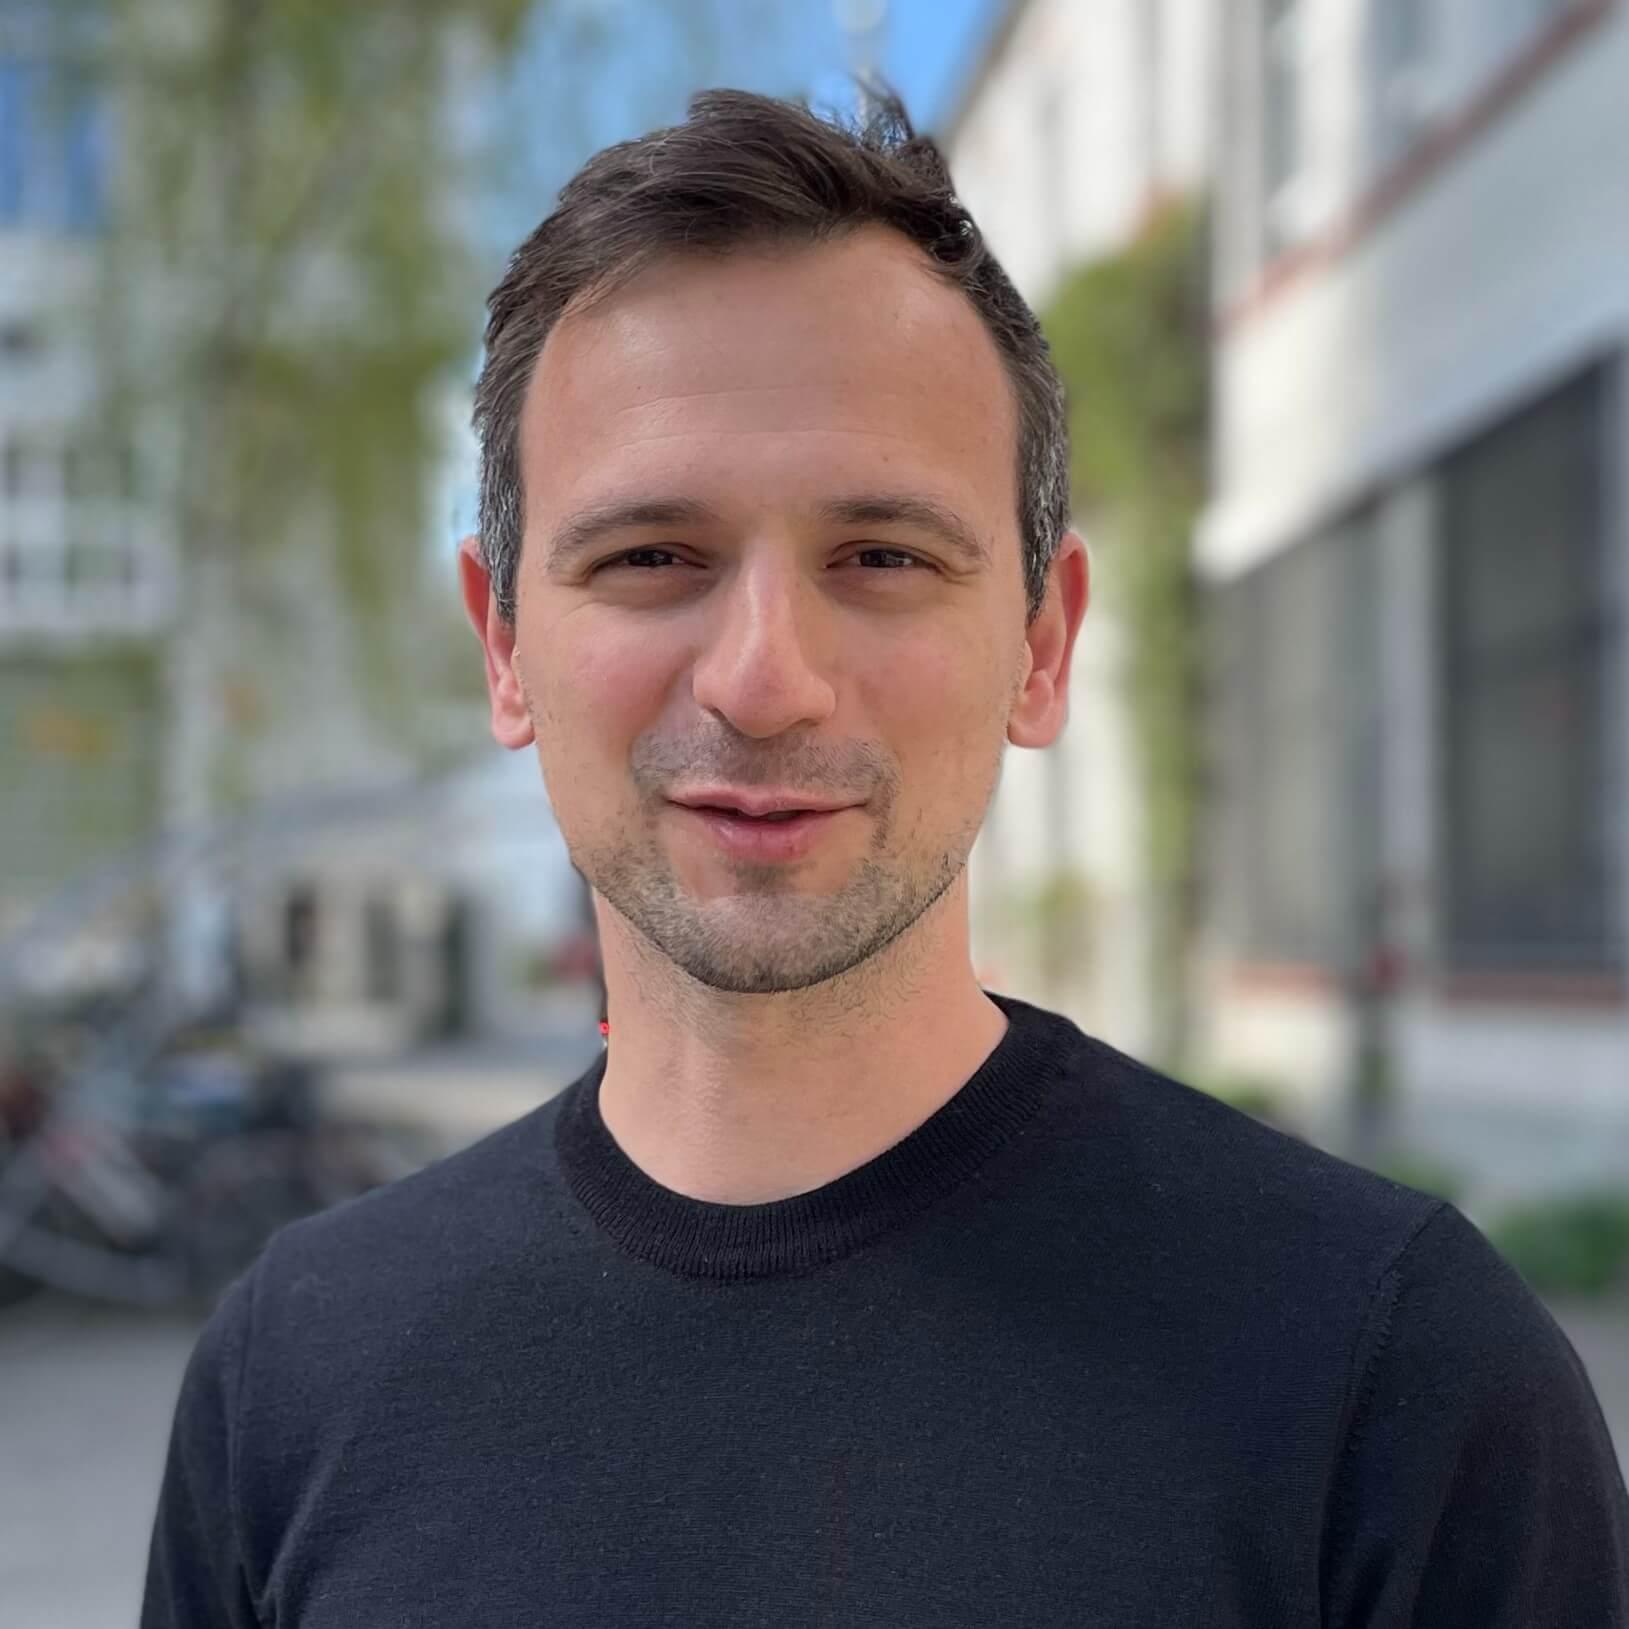 Tobias Steinemann